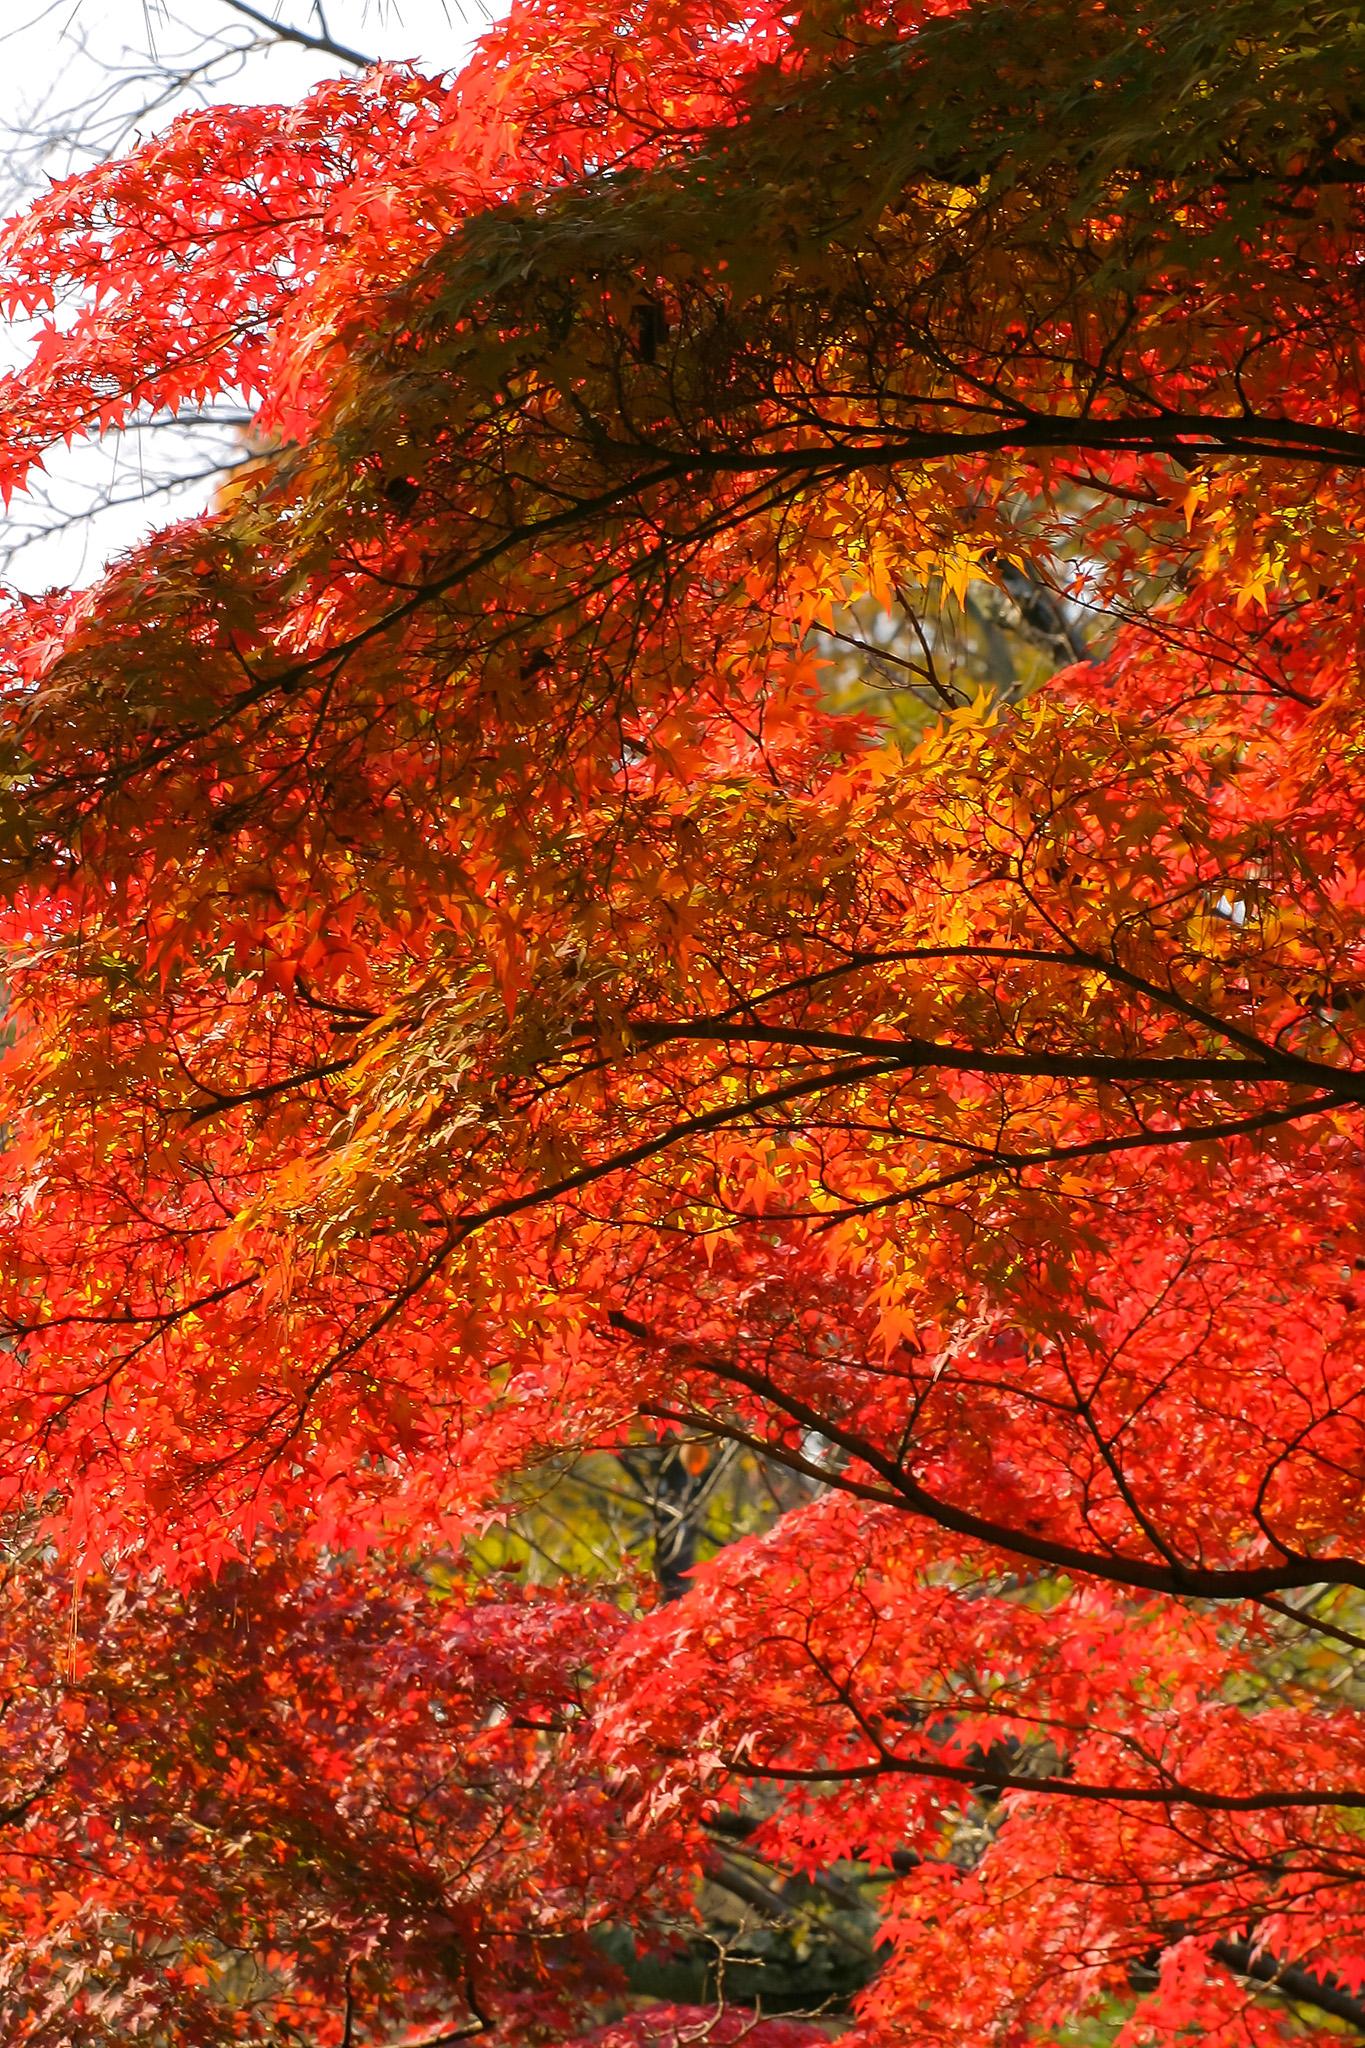 「紅葉を沢山付けたもみじの木」の画像を無料ダウンロード